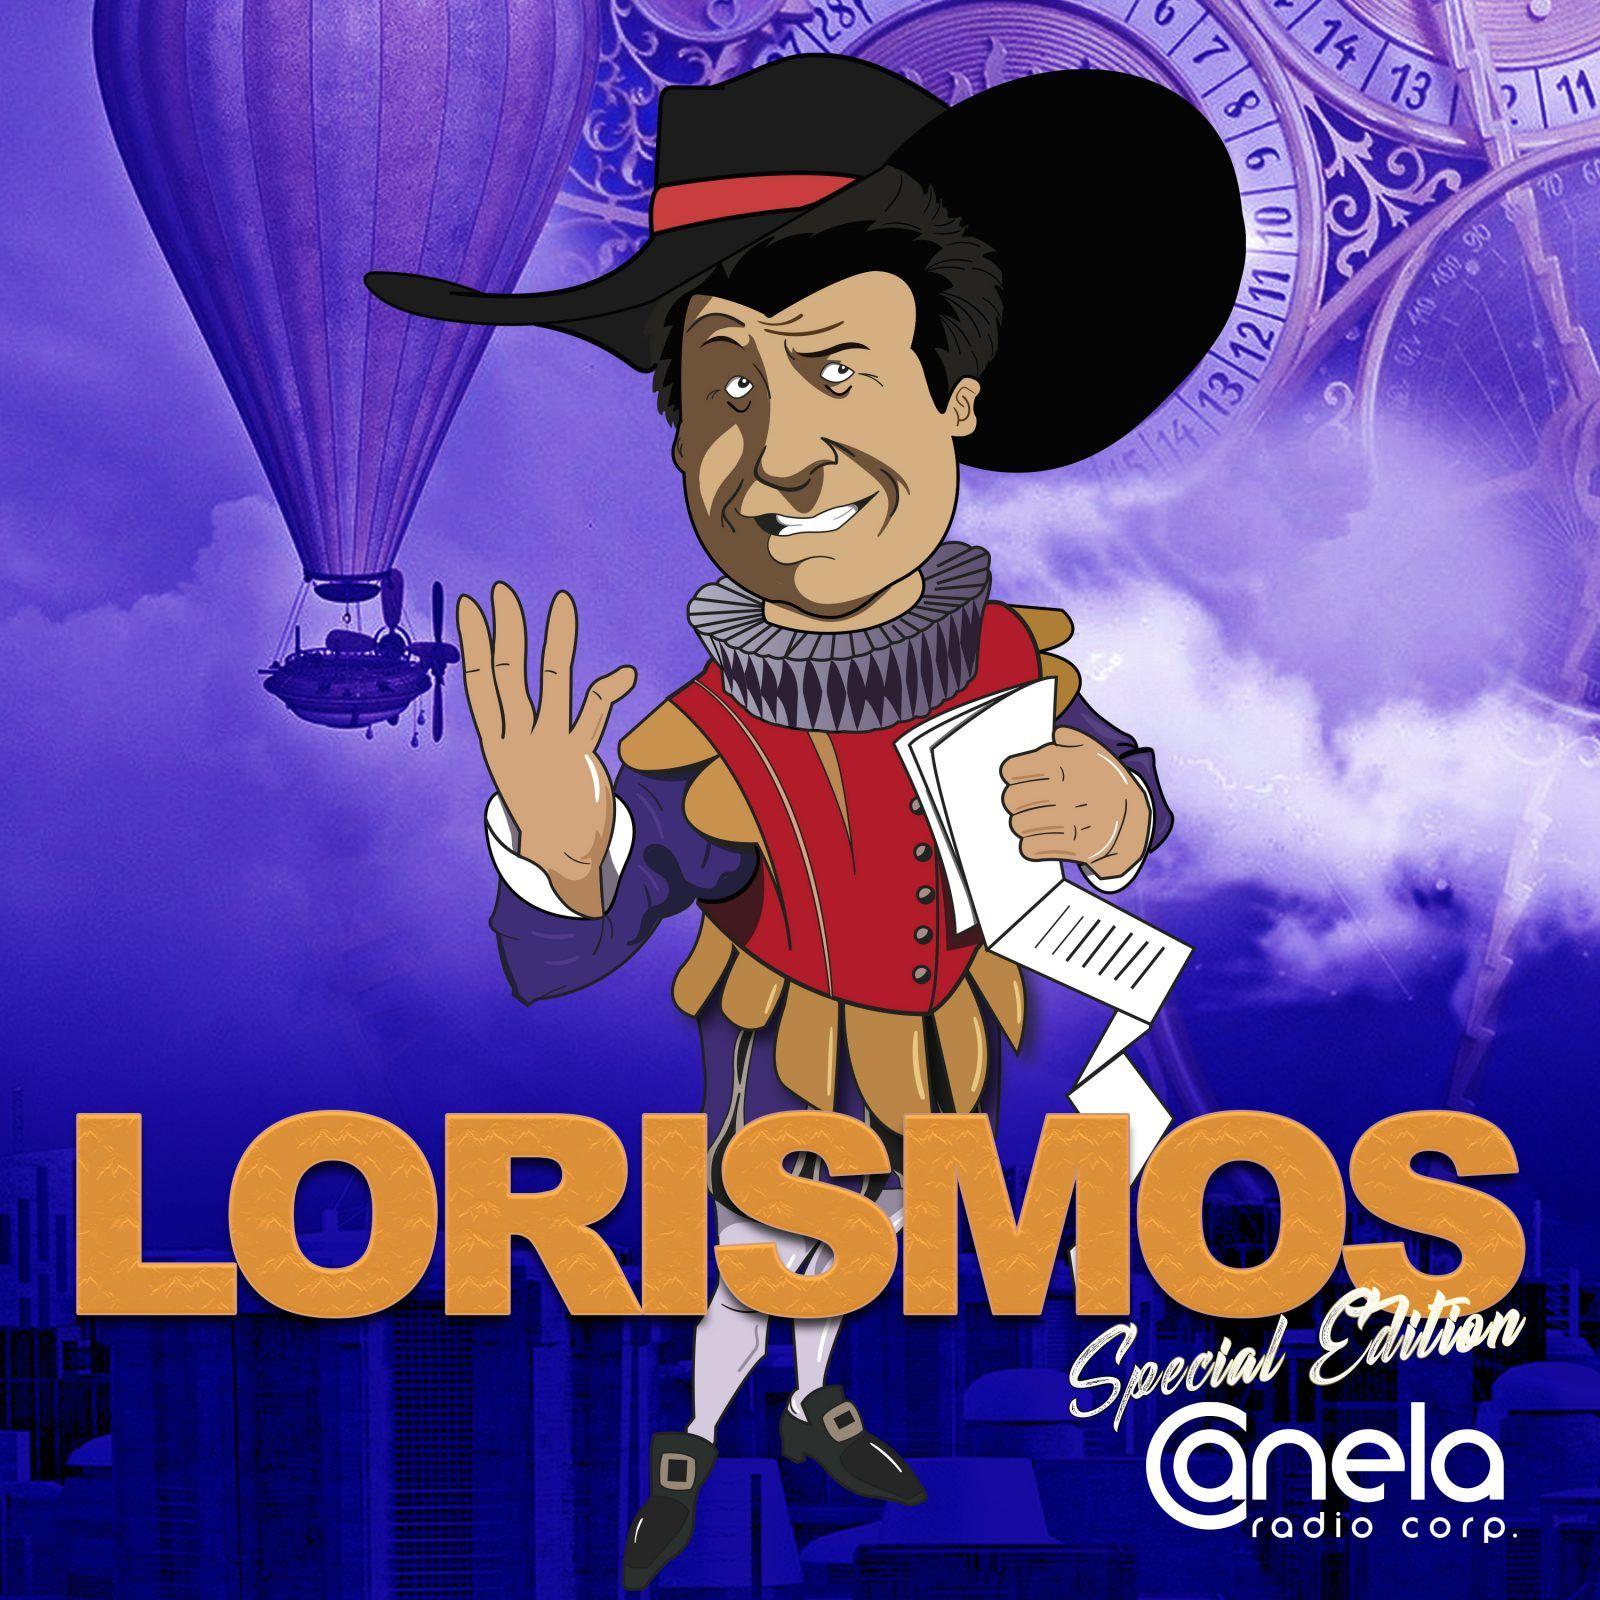 Lorismos